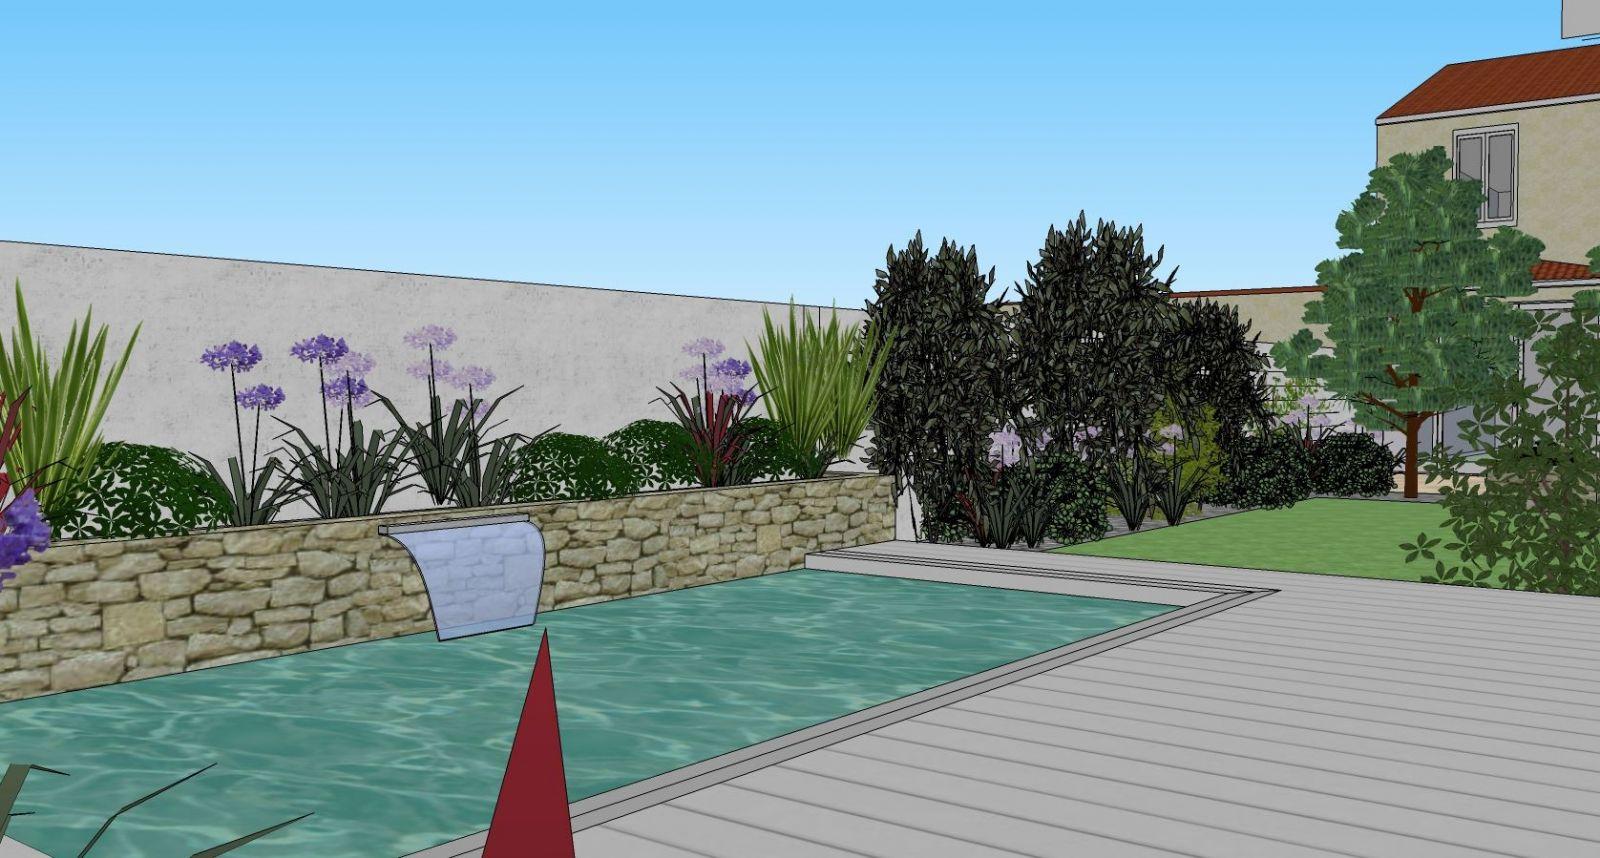 paysagiste pour r alisation d 39 l vation de jardin bordeaux am nagement de jardin par un. Black Bedroom Furniture Sets. Home Design Ideas